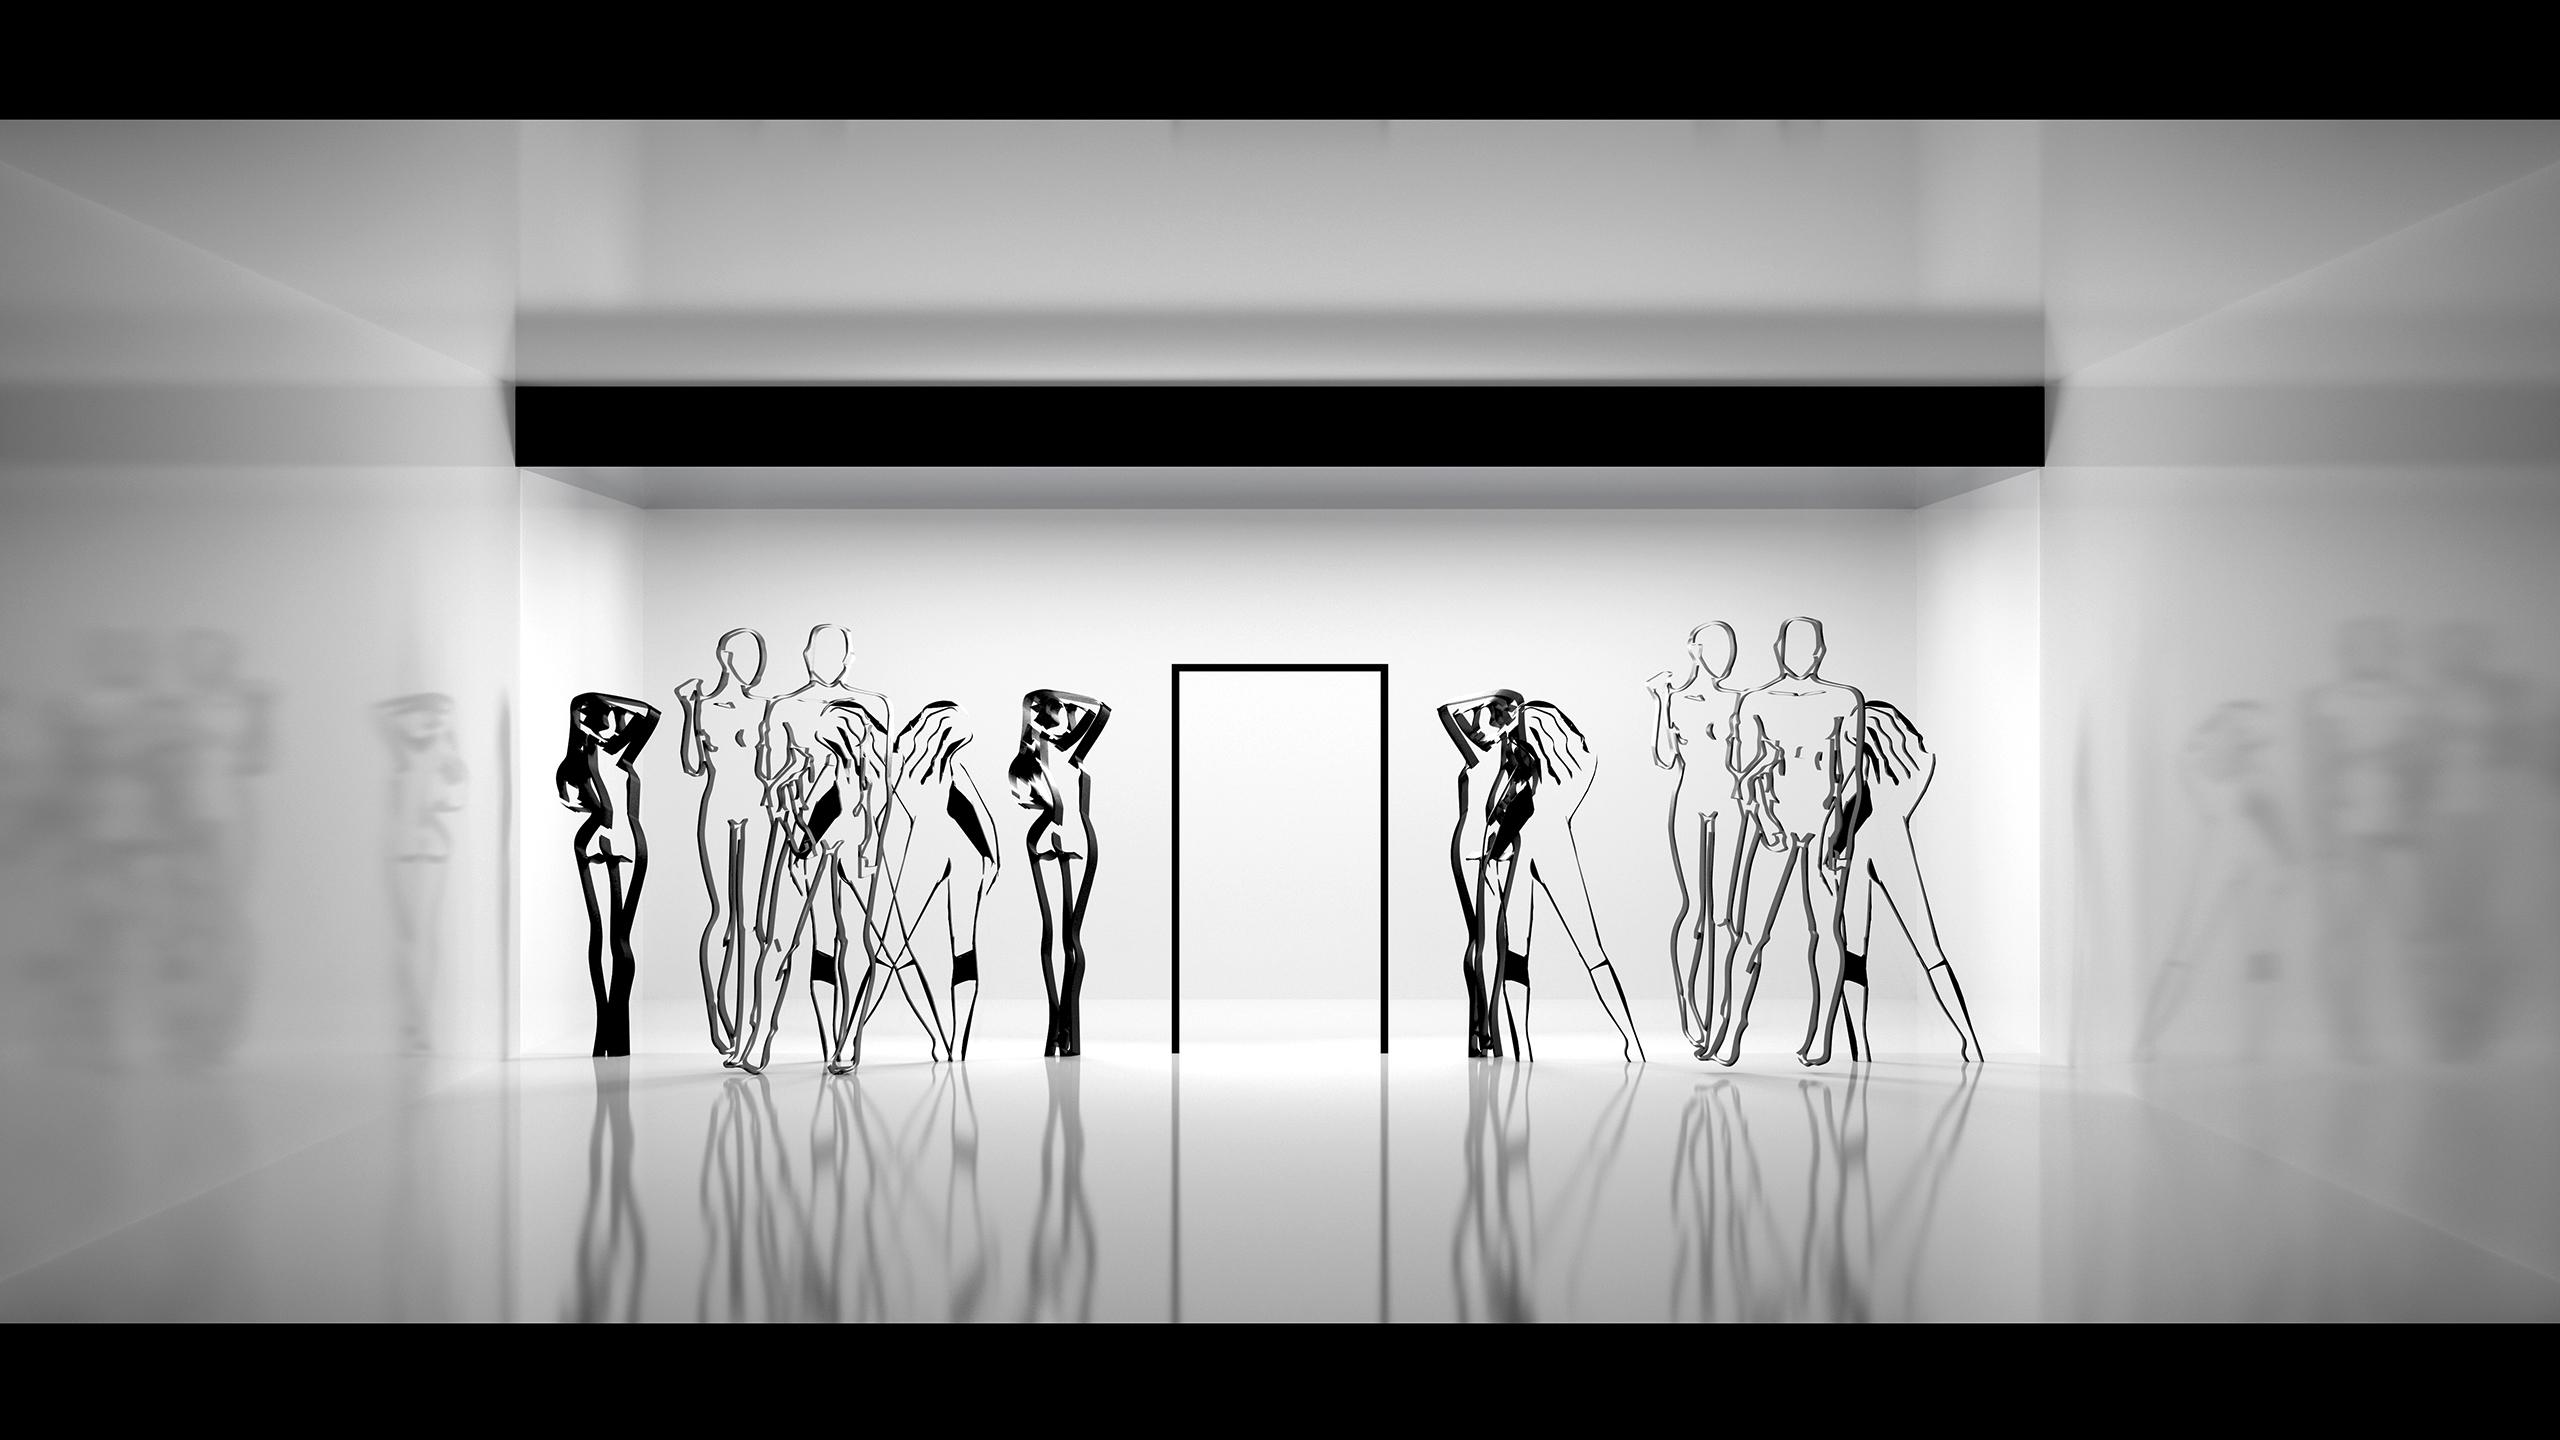 Ausstellung Präsentation Phaneomen Shoppingcenter Raumgestaltung Conceptdesign Inszenierung Reuse Kapitalismus Museum Shopdesign Mall Rendering